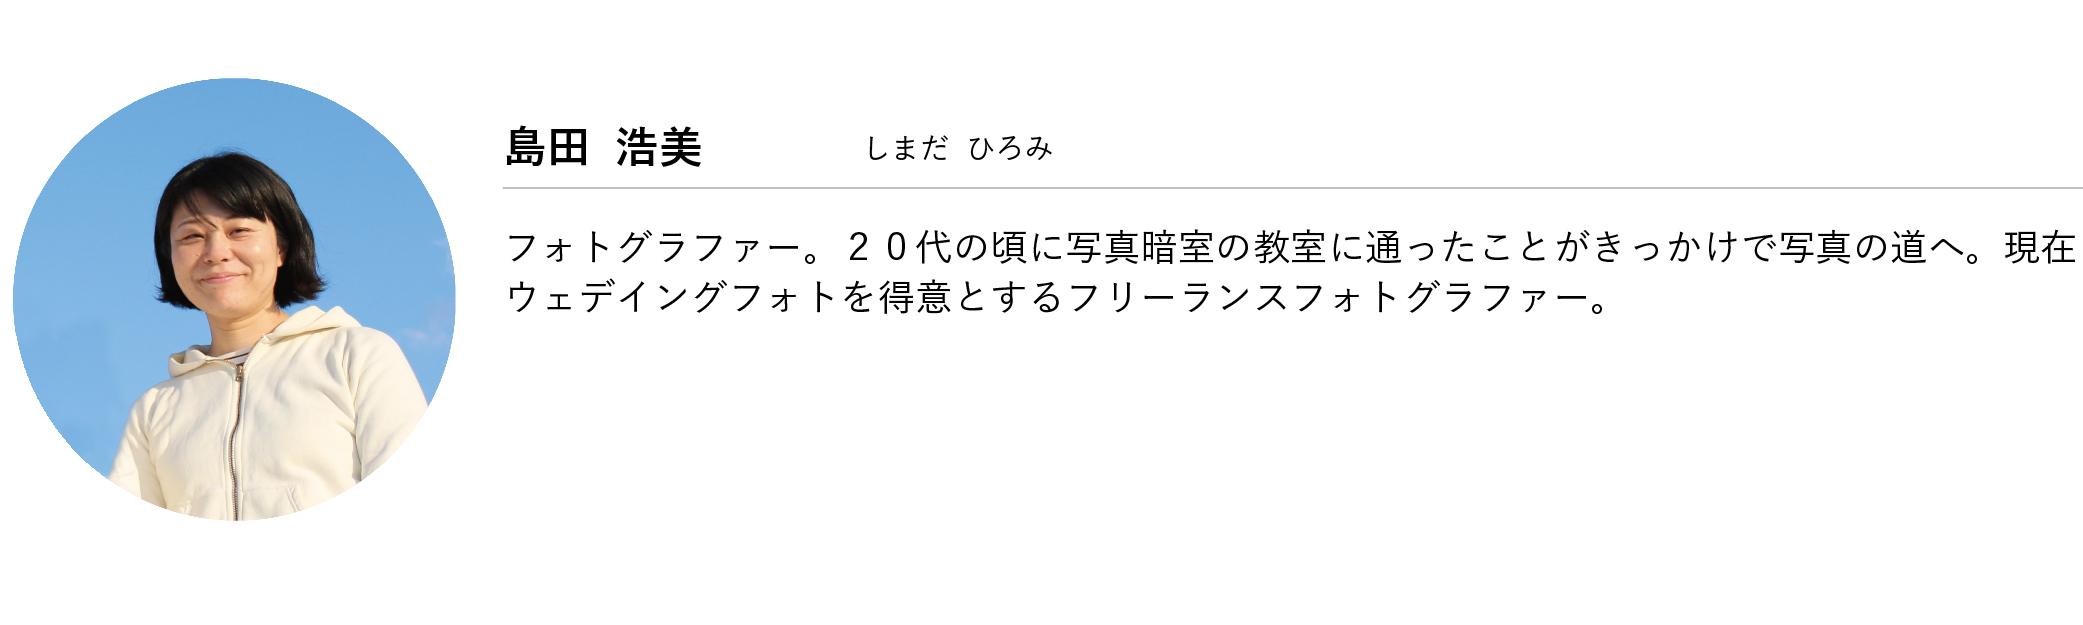 https://naot.jp/wp-content/uploads/2019/05/PROFILEp-03.jpg